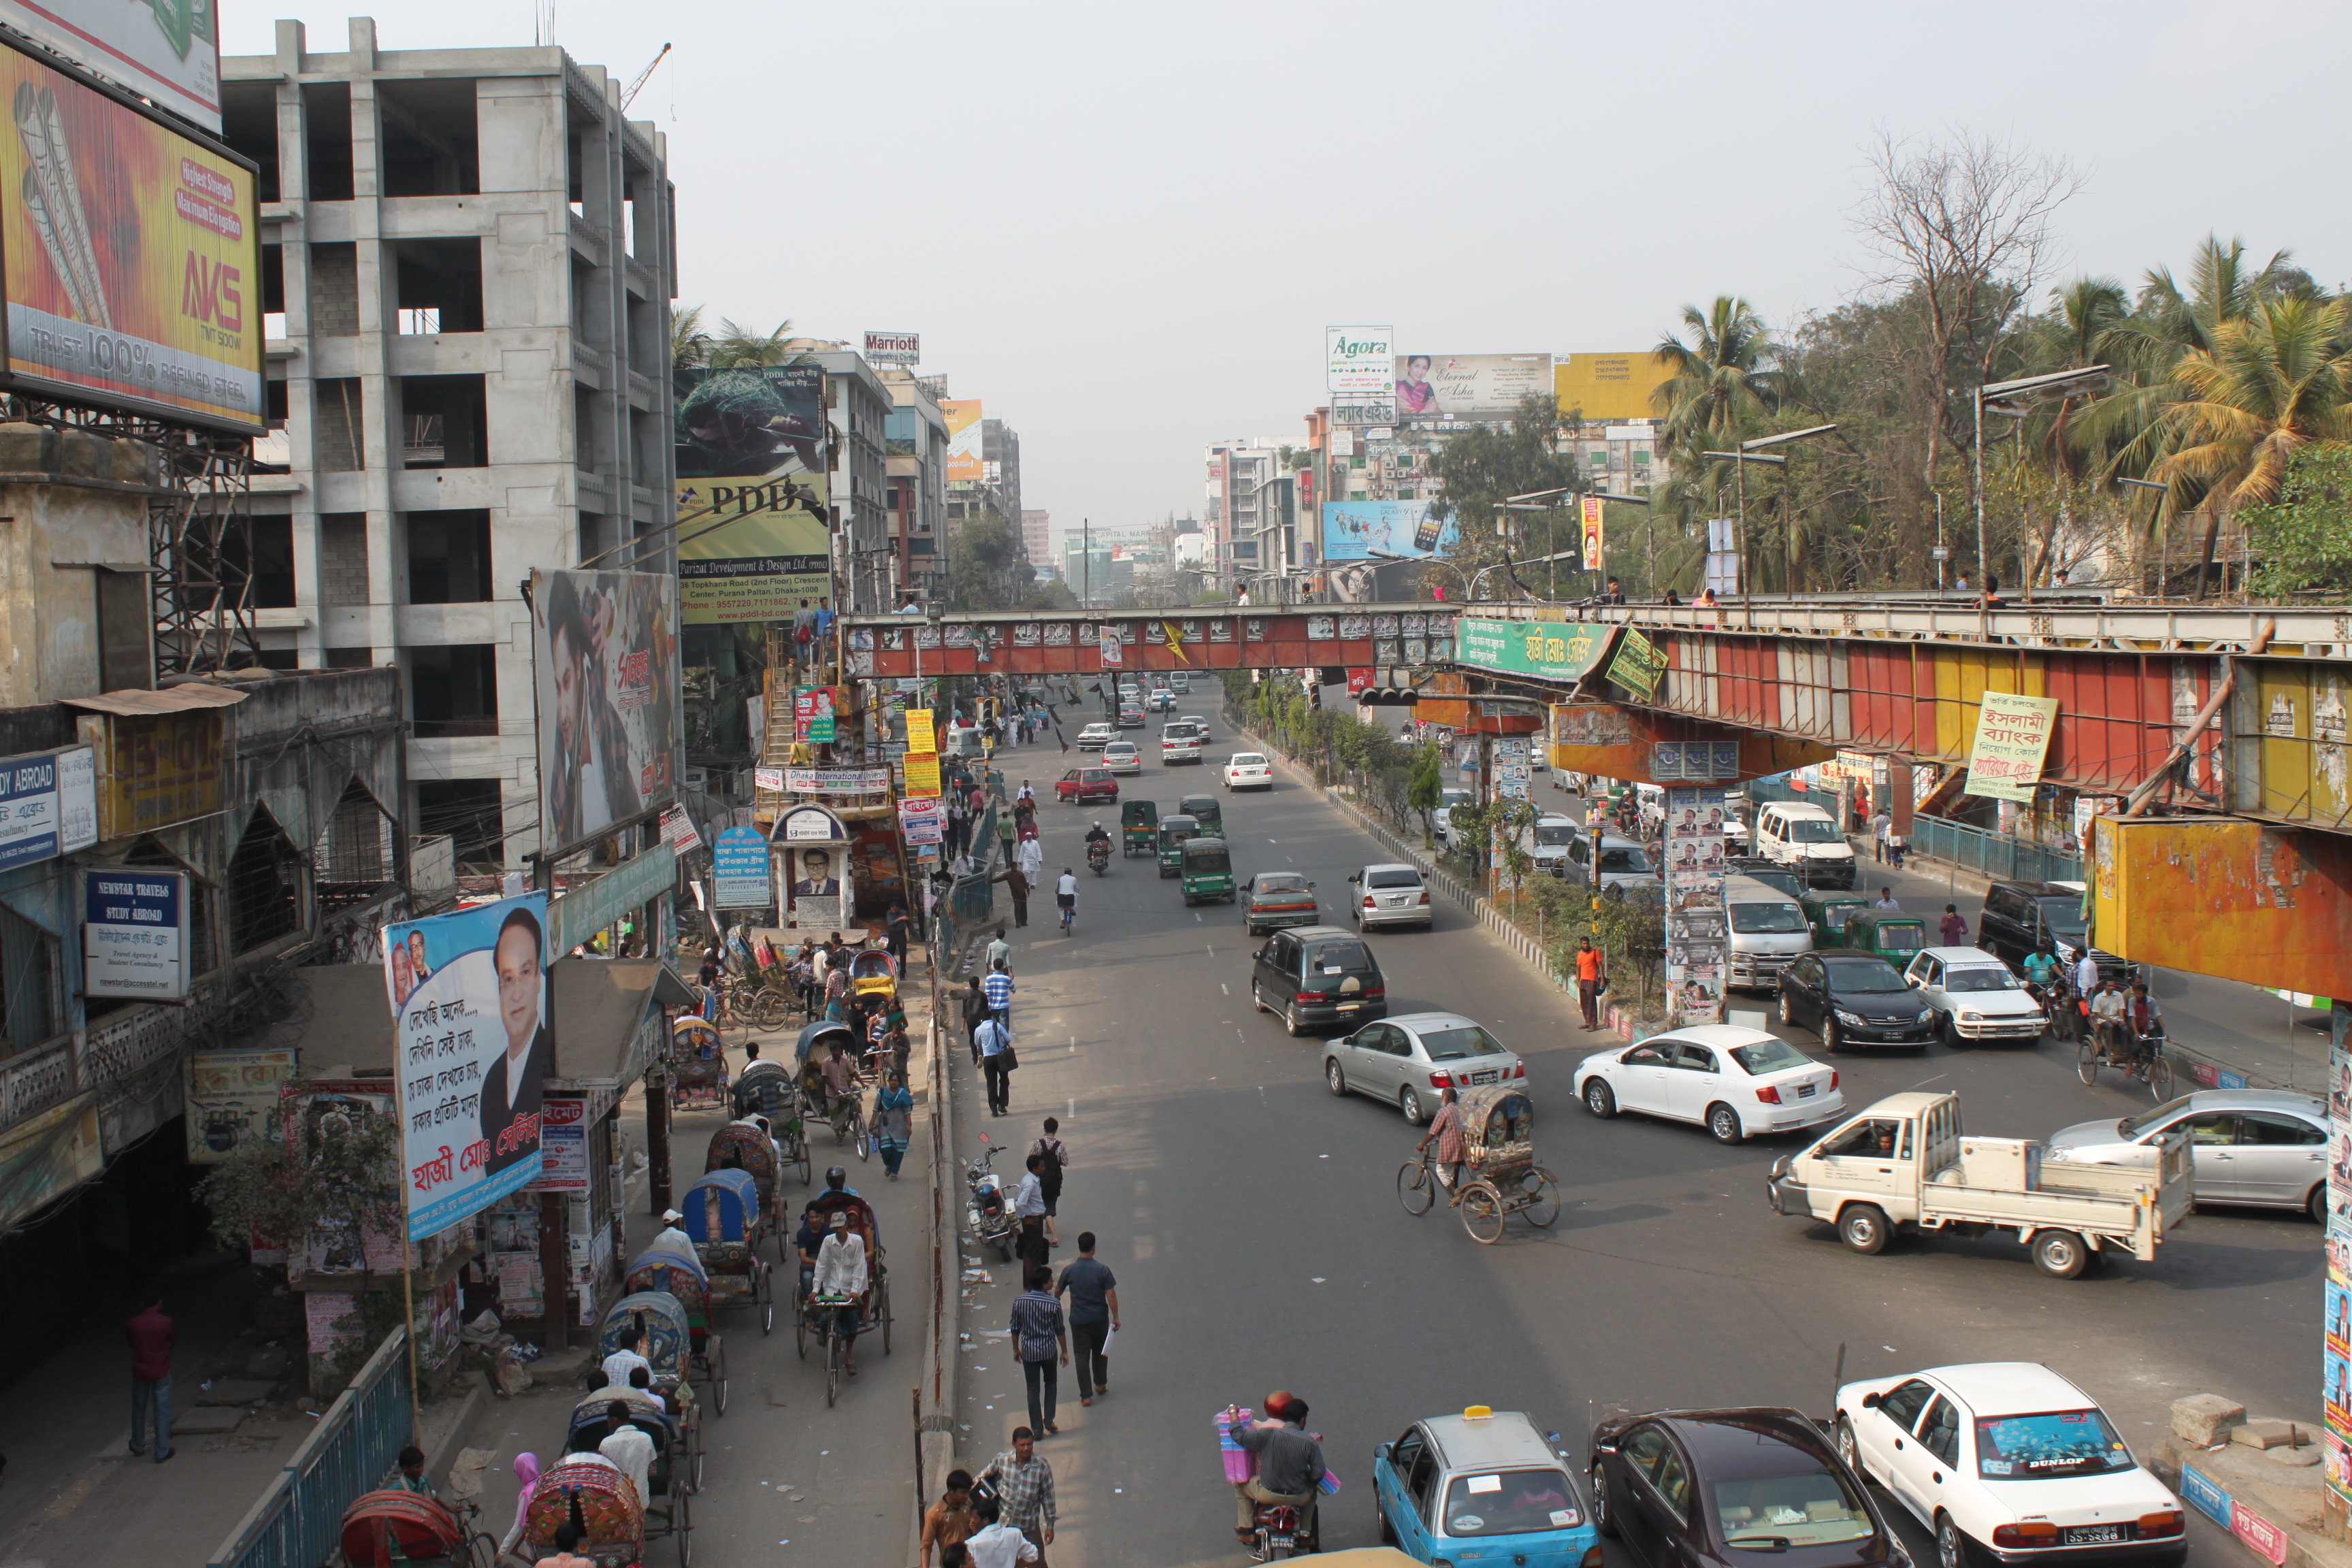 Dhaka Images